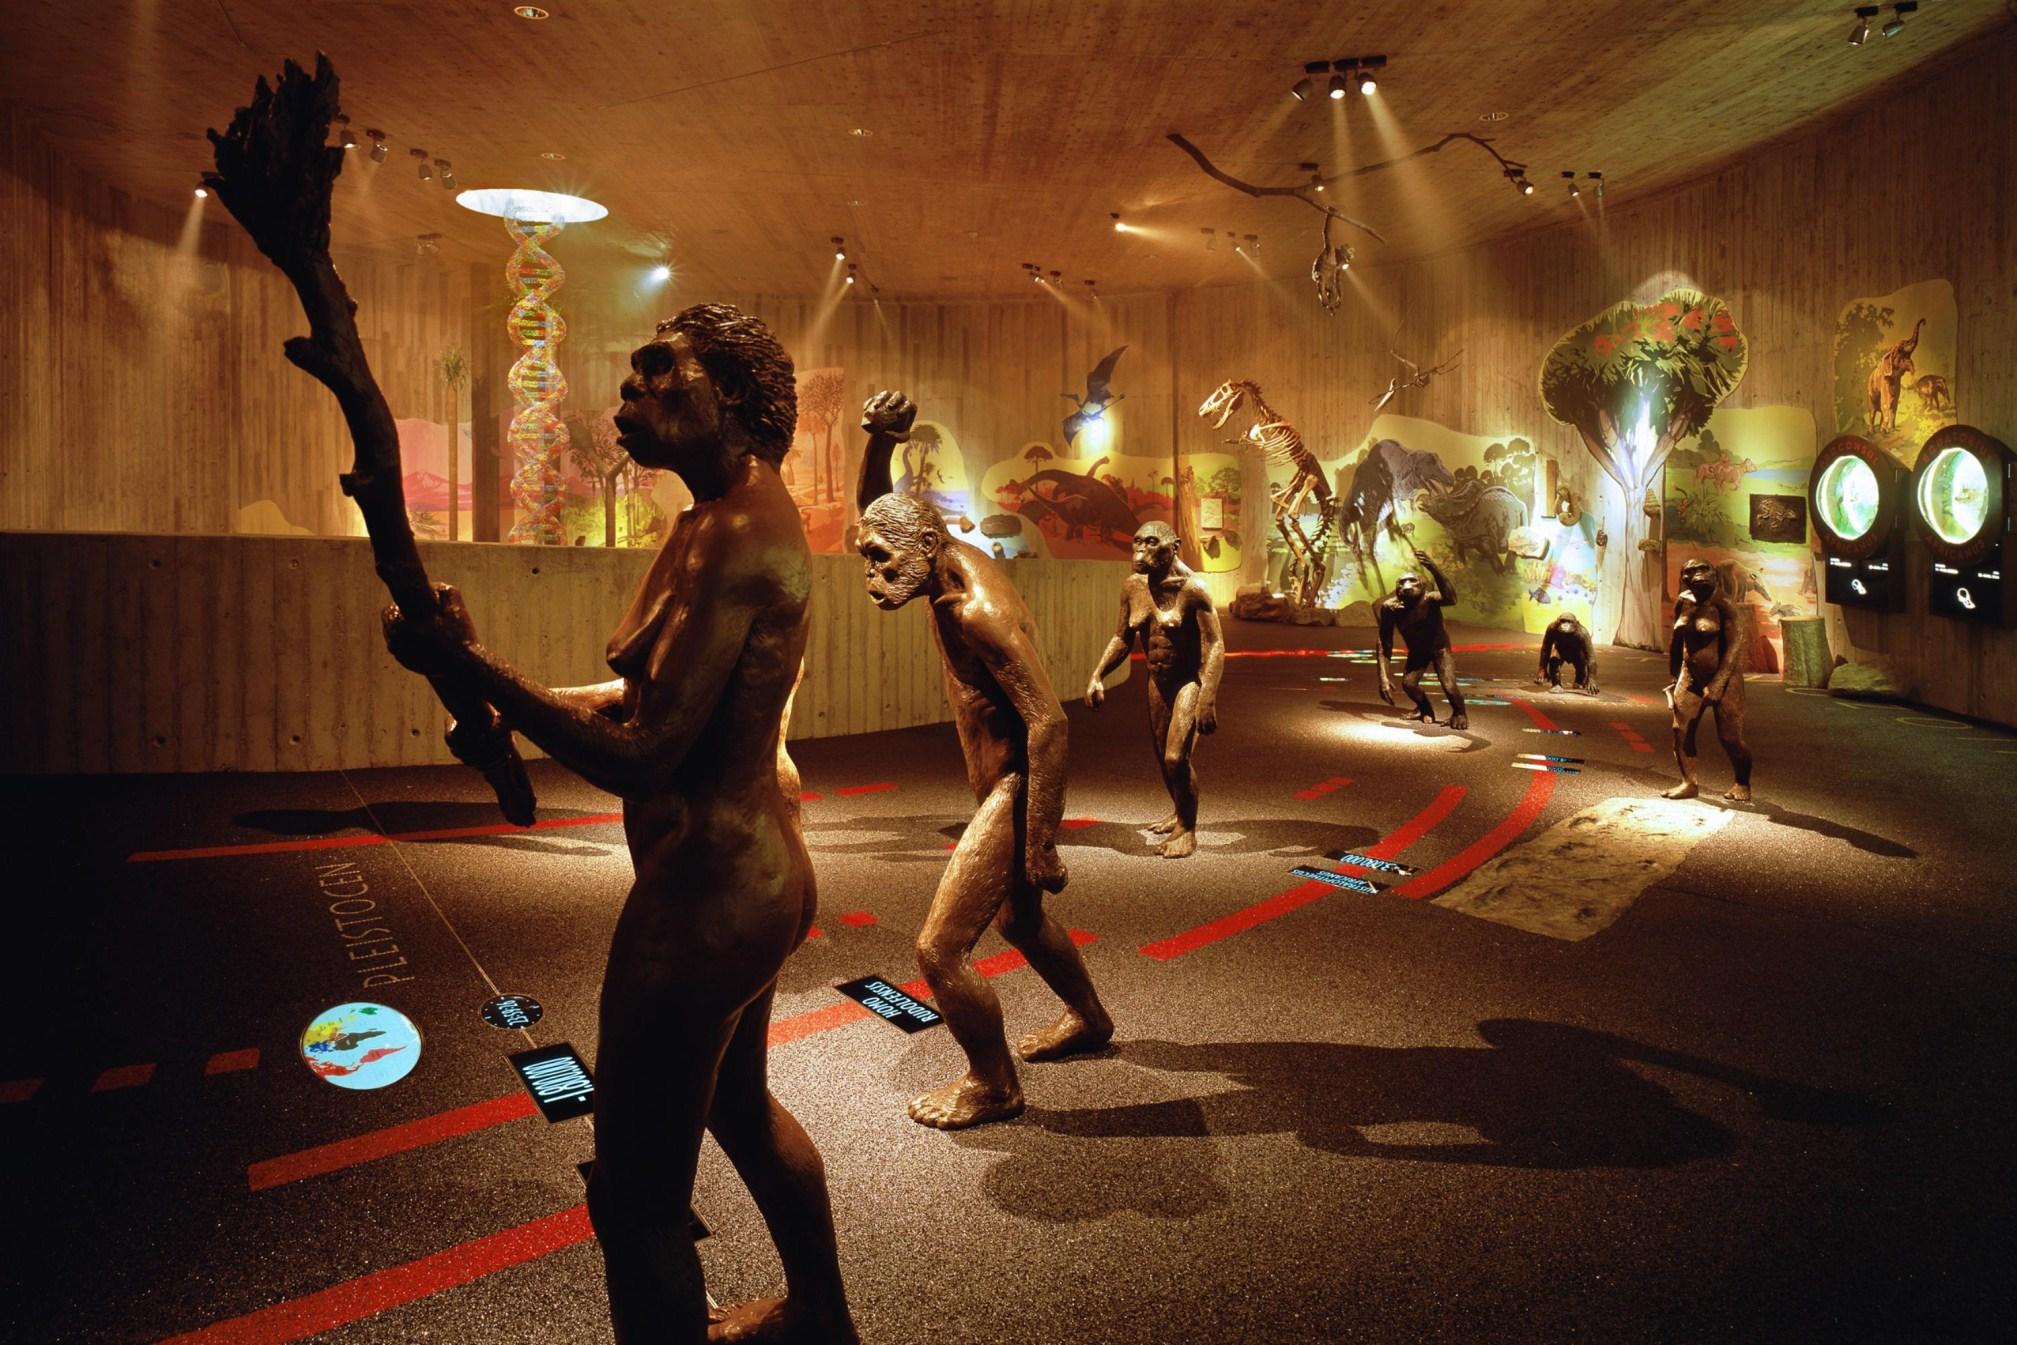 Hrvatsko Zagorje: Muzej krapinskog neandertalca